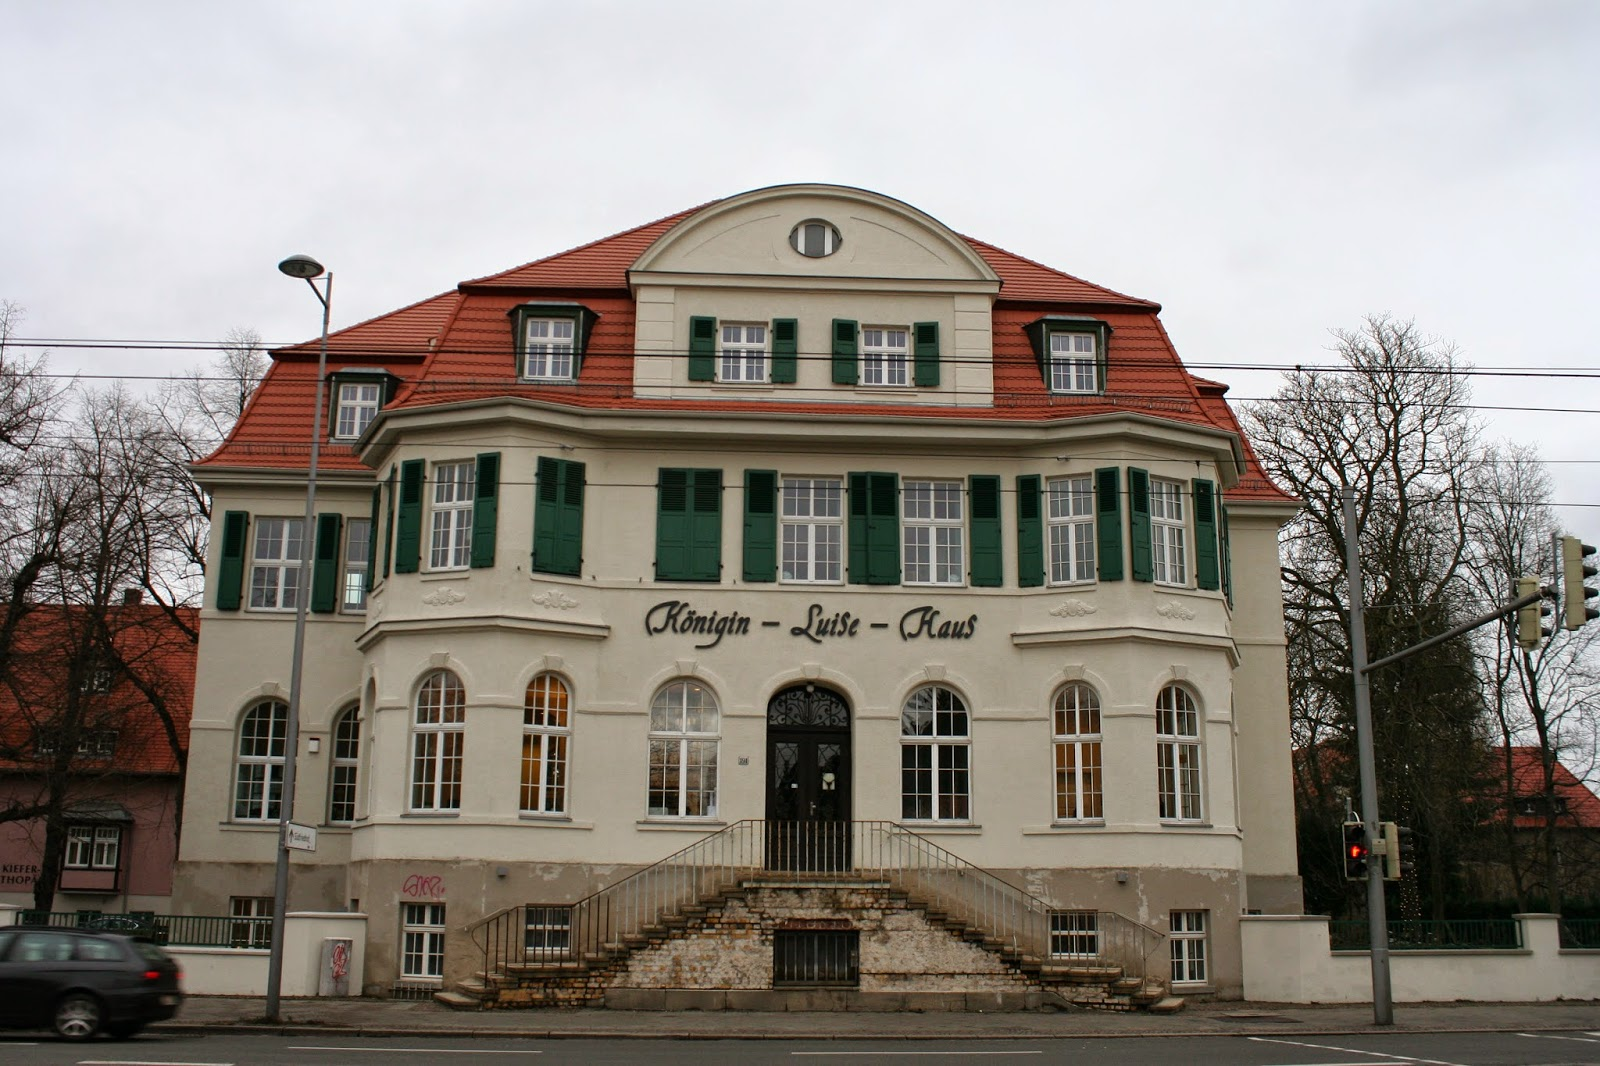 """Das Königin-Luise-Haus befindet sich an der Prager Straße im Stadtteil Stötteritz - das Gebäude wurde 1913 in relativ kurzer Bauzeit von 7 Monaten errichtet - der damalige """"deutsche Bund abstinenter Frauen"""", ab 1924 bis heute """"deutscher Frauenbund für Alkoholfreie Kultur"""" ließ es damals als alkoholfreie Gaststätte errichten - als Namensgeber wurde Königin Luise gewählt, da sie damals sehr populär war"""